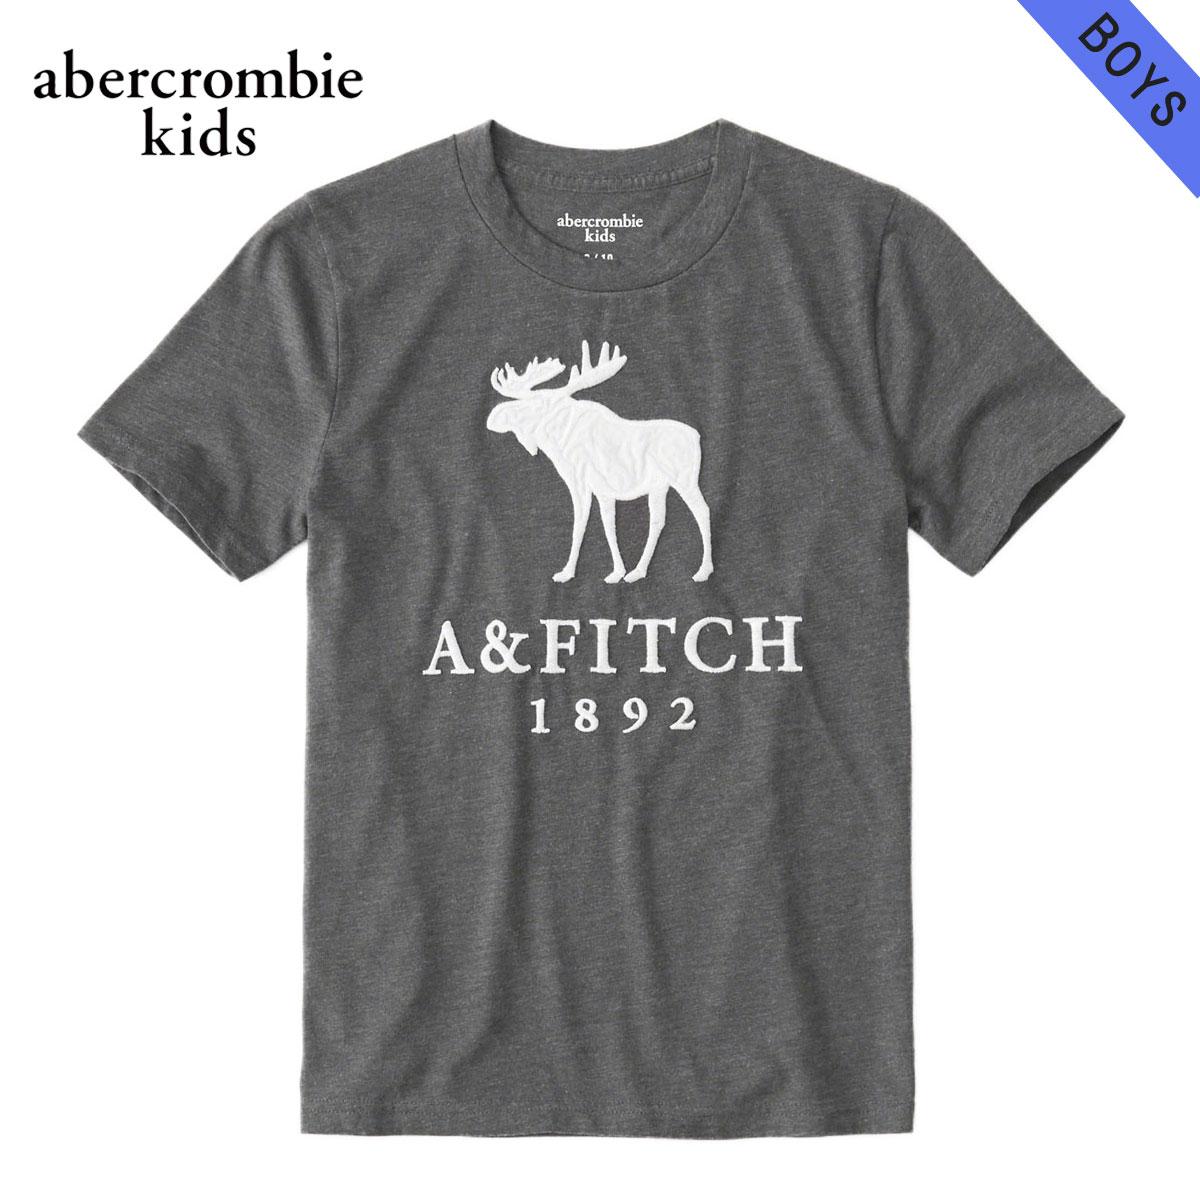 アバクロキッズ AbercrombieKids 正規品 子供服 ボーイズ 半袖ロゴTシャツ logo graphic tee 223-616-0086-013